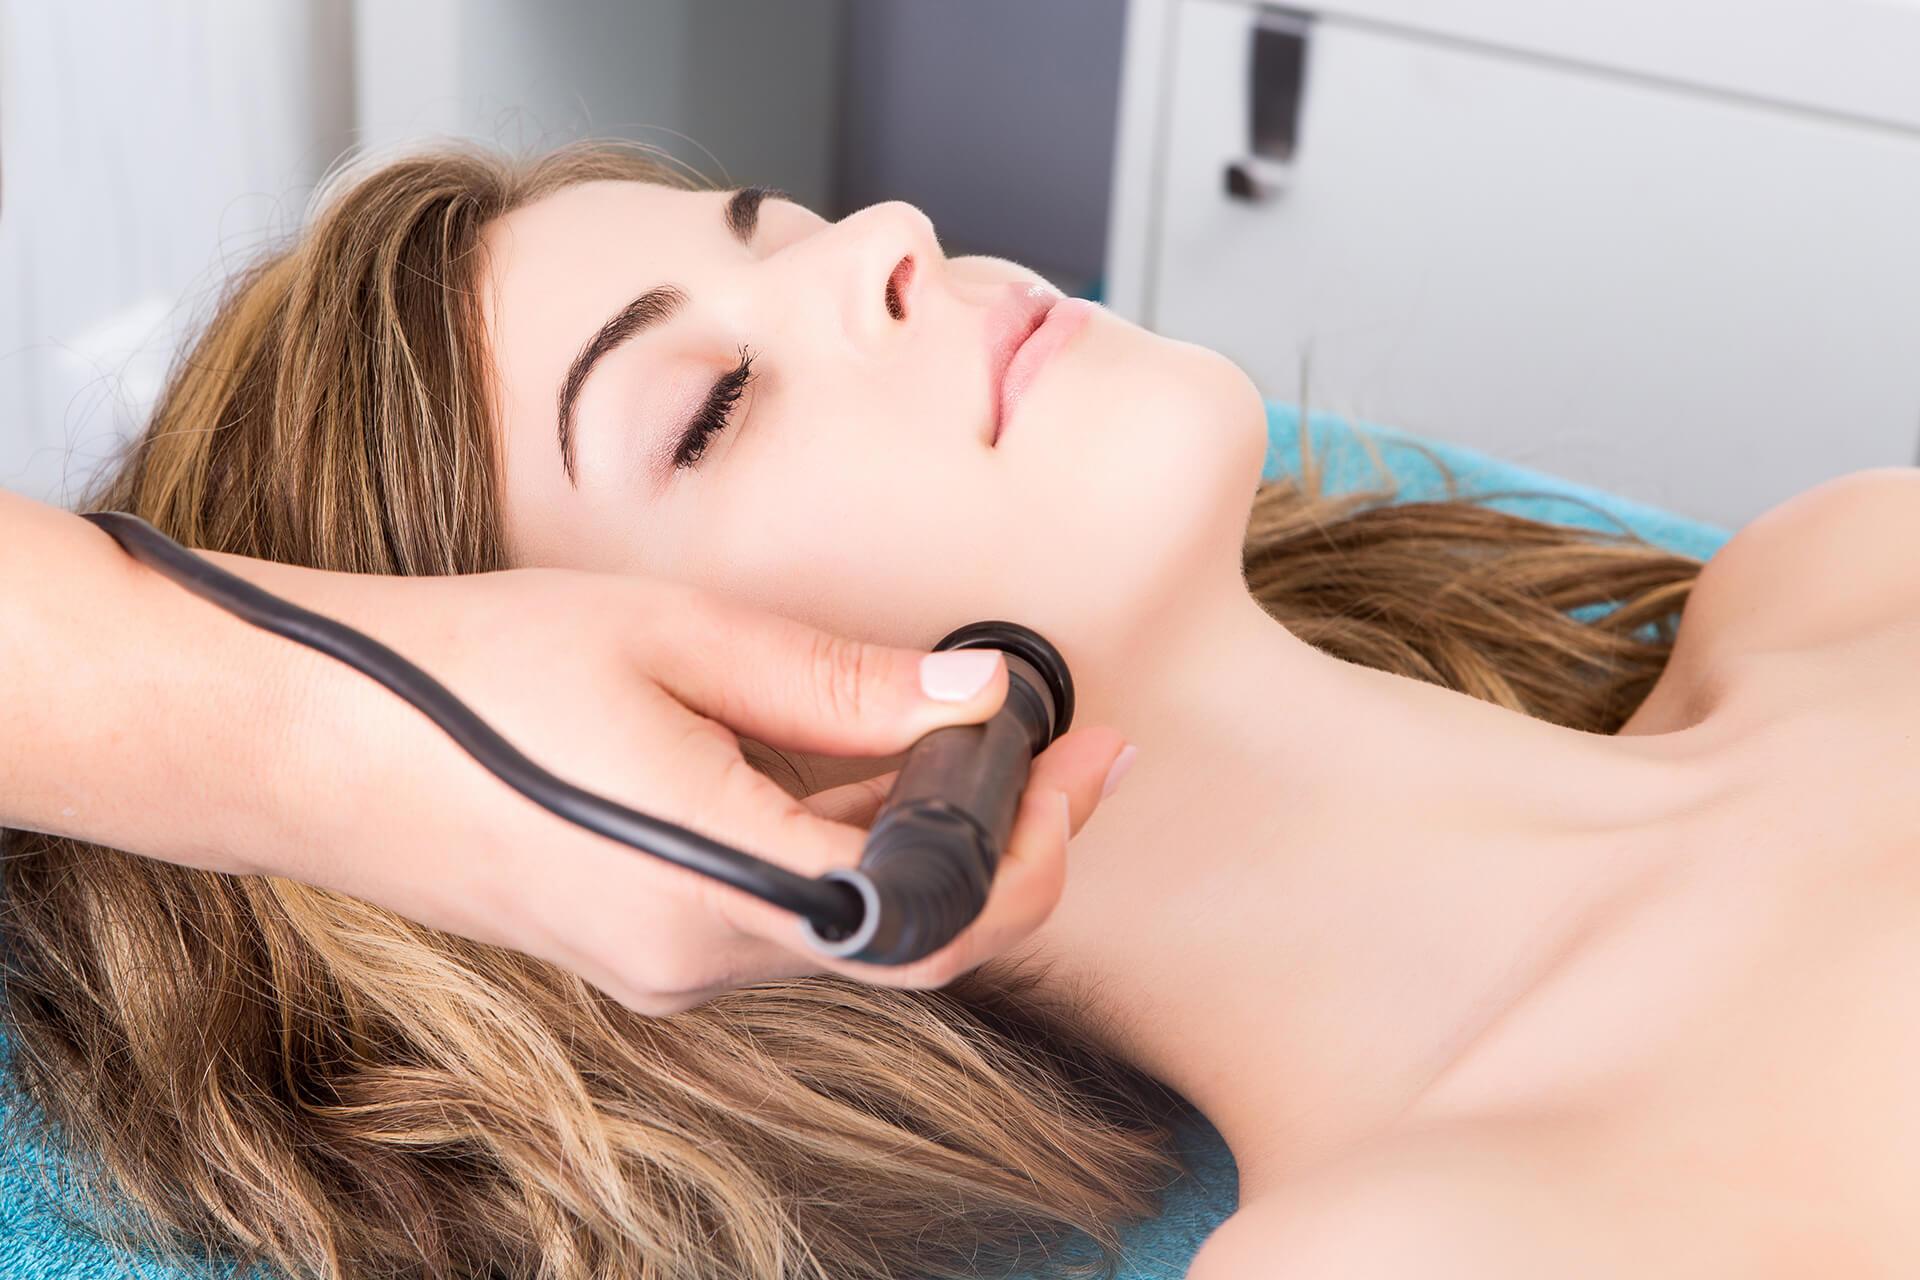 雷射光療-尼斯診所-除皺-緊實-塑顏拉提-改善肌膚問題